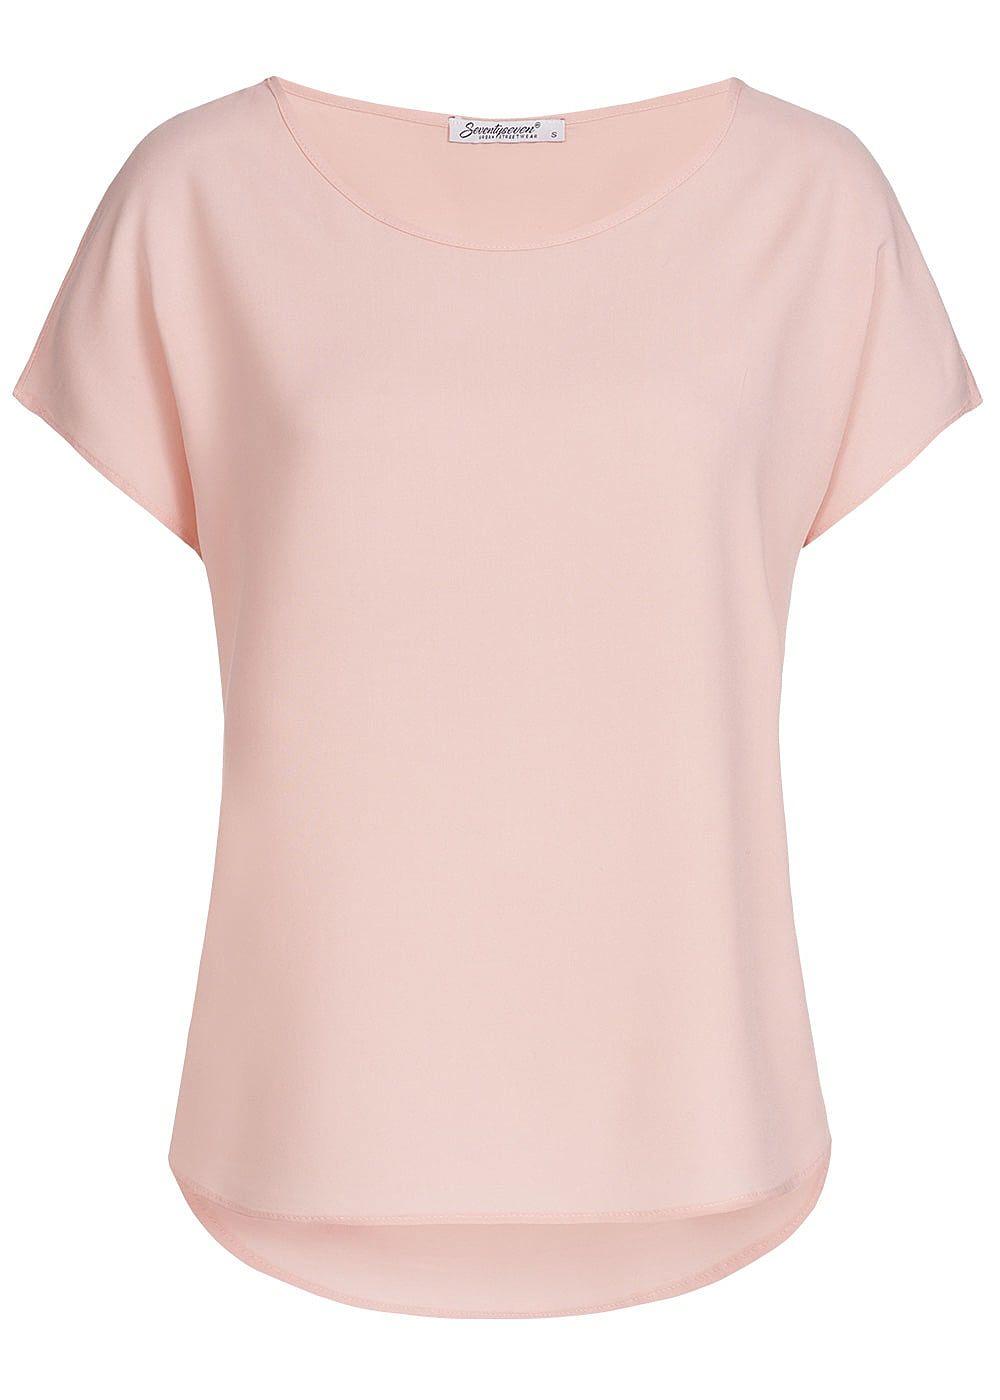 noch nicht vulgär riesige Auswahl an Super Specials Seventyseven Lifestyle Damen Blusen Shirt rosa - 77onlineshop